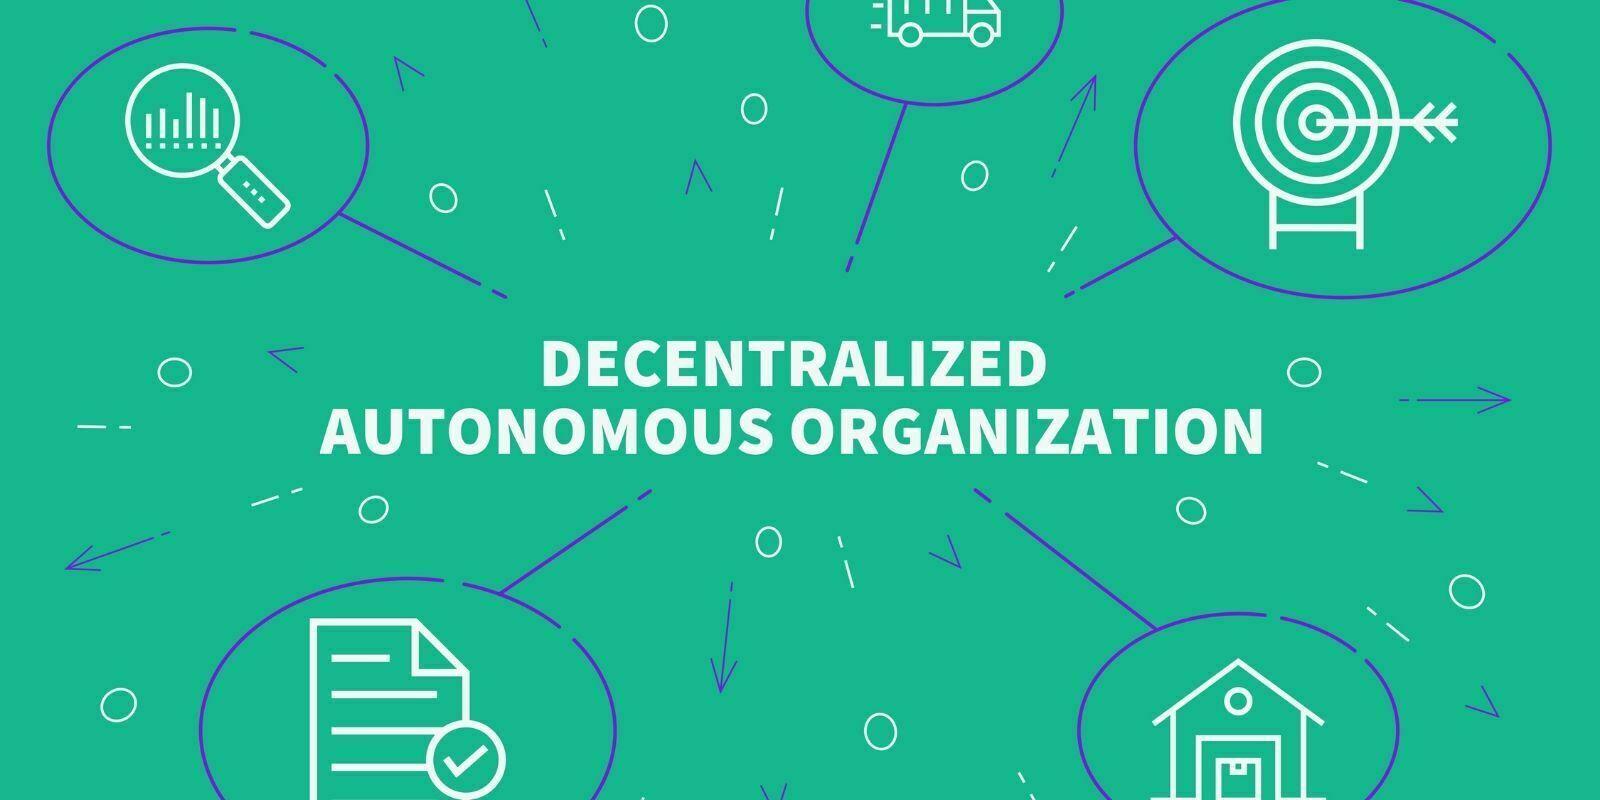 DAO ou organisation décentralisée dans la blockchain et les cryptomonnaies